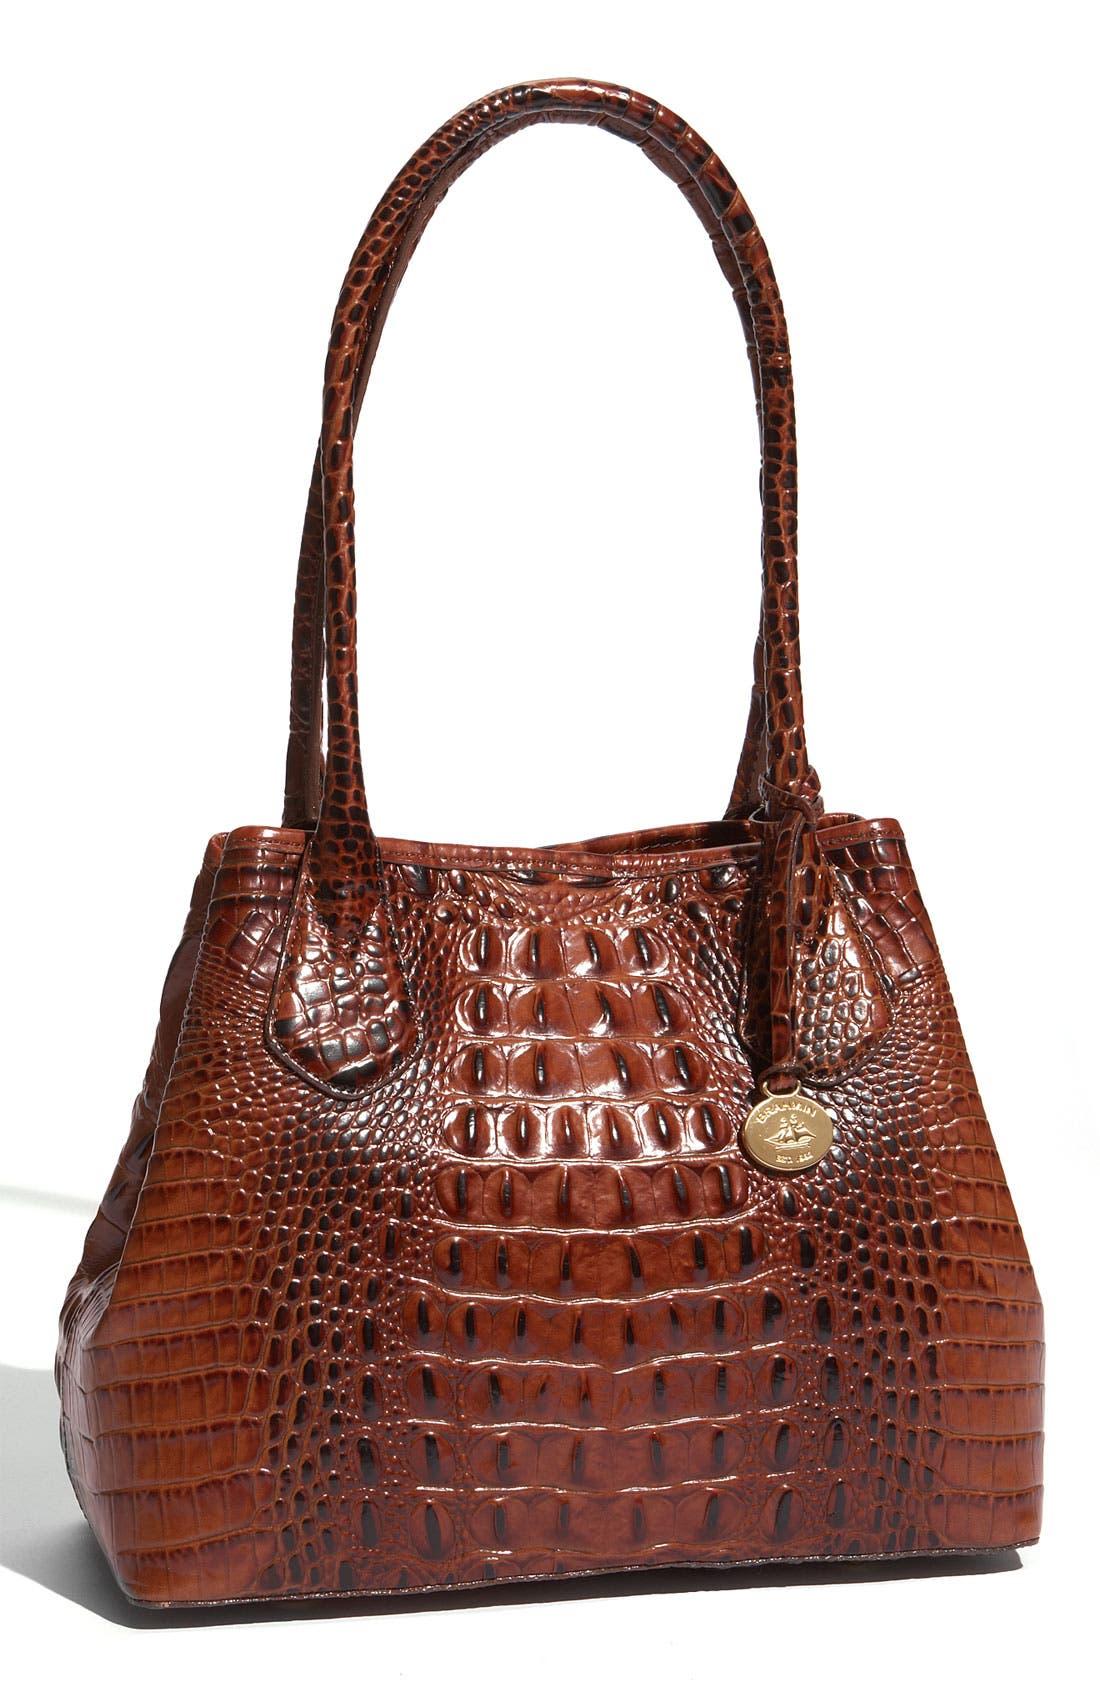 Alternate Image 1 Selected - Brahmin 'Melbourne - Anytime' Shoulder Bag